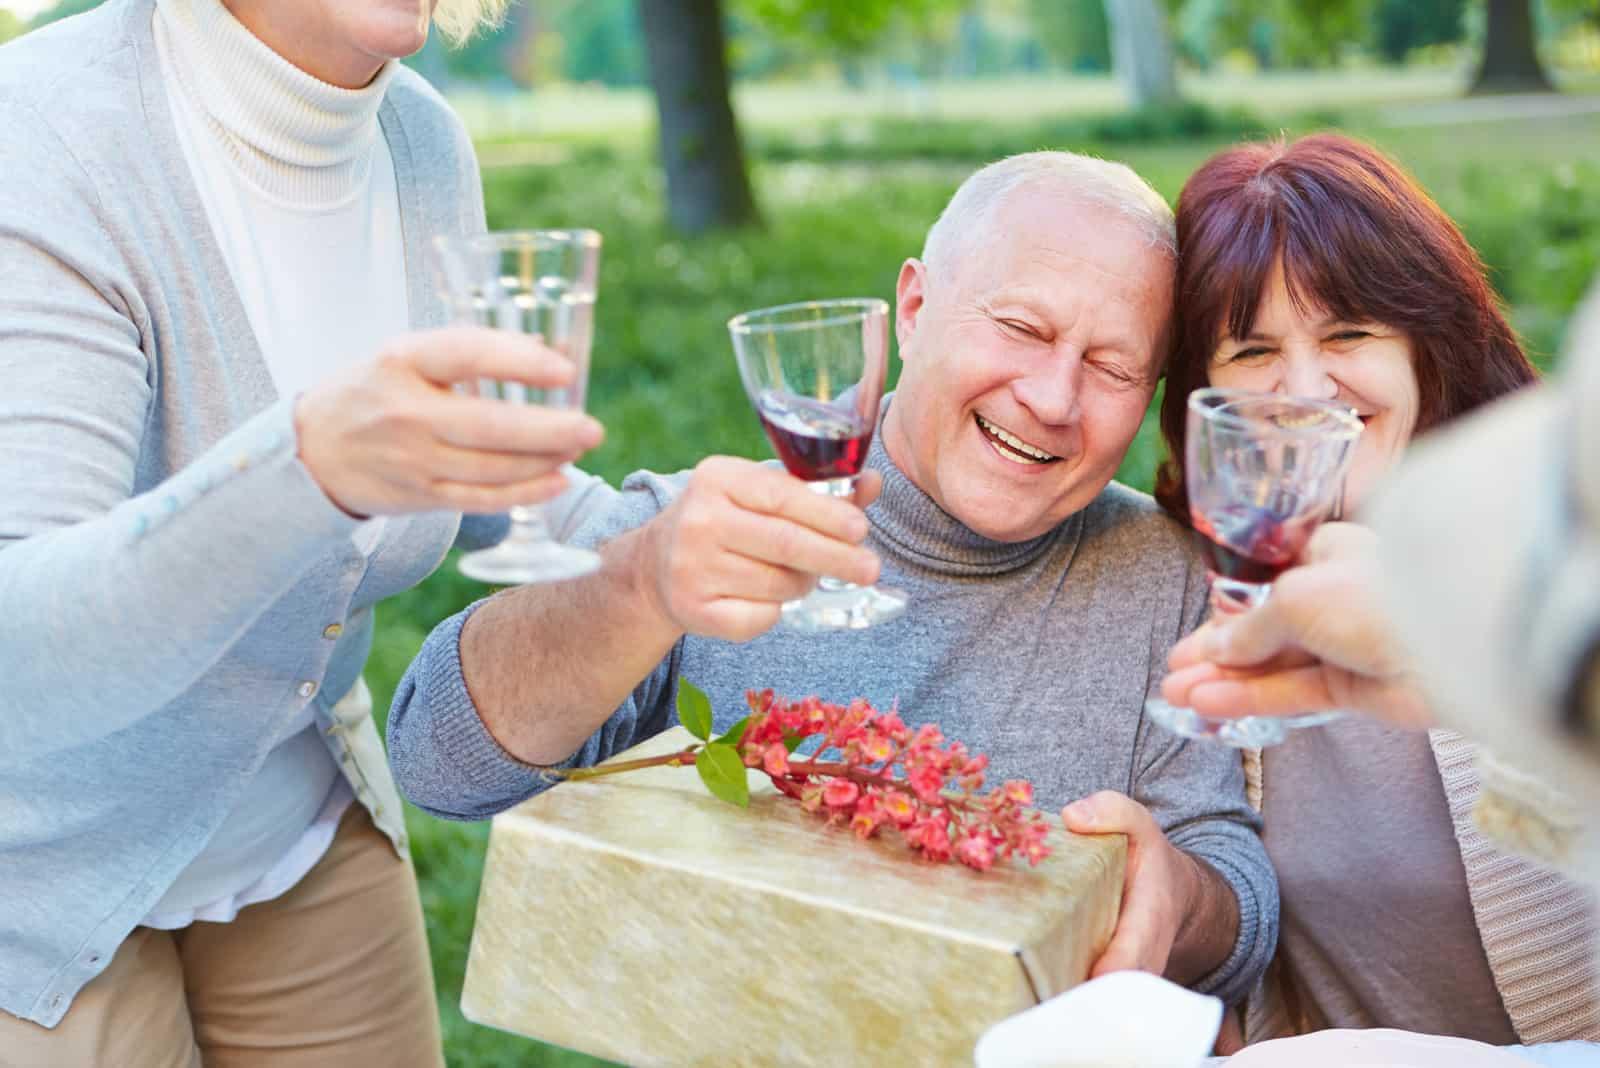 un homme et une femme tiennent un cadeau à la main et trinquent avec du vin